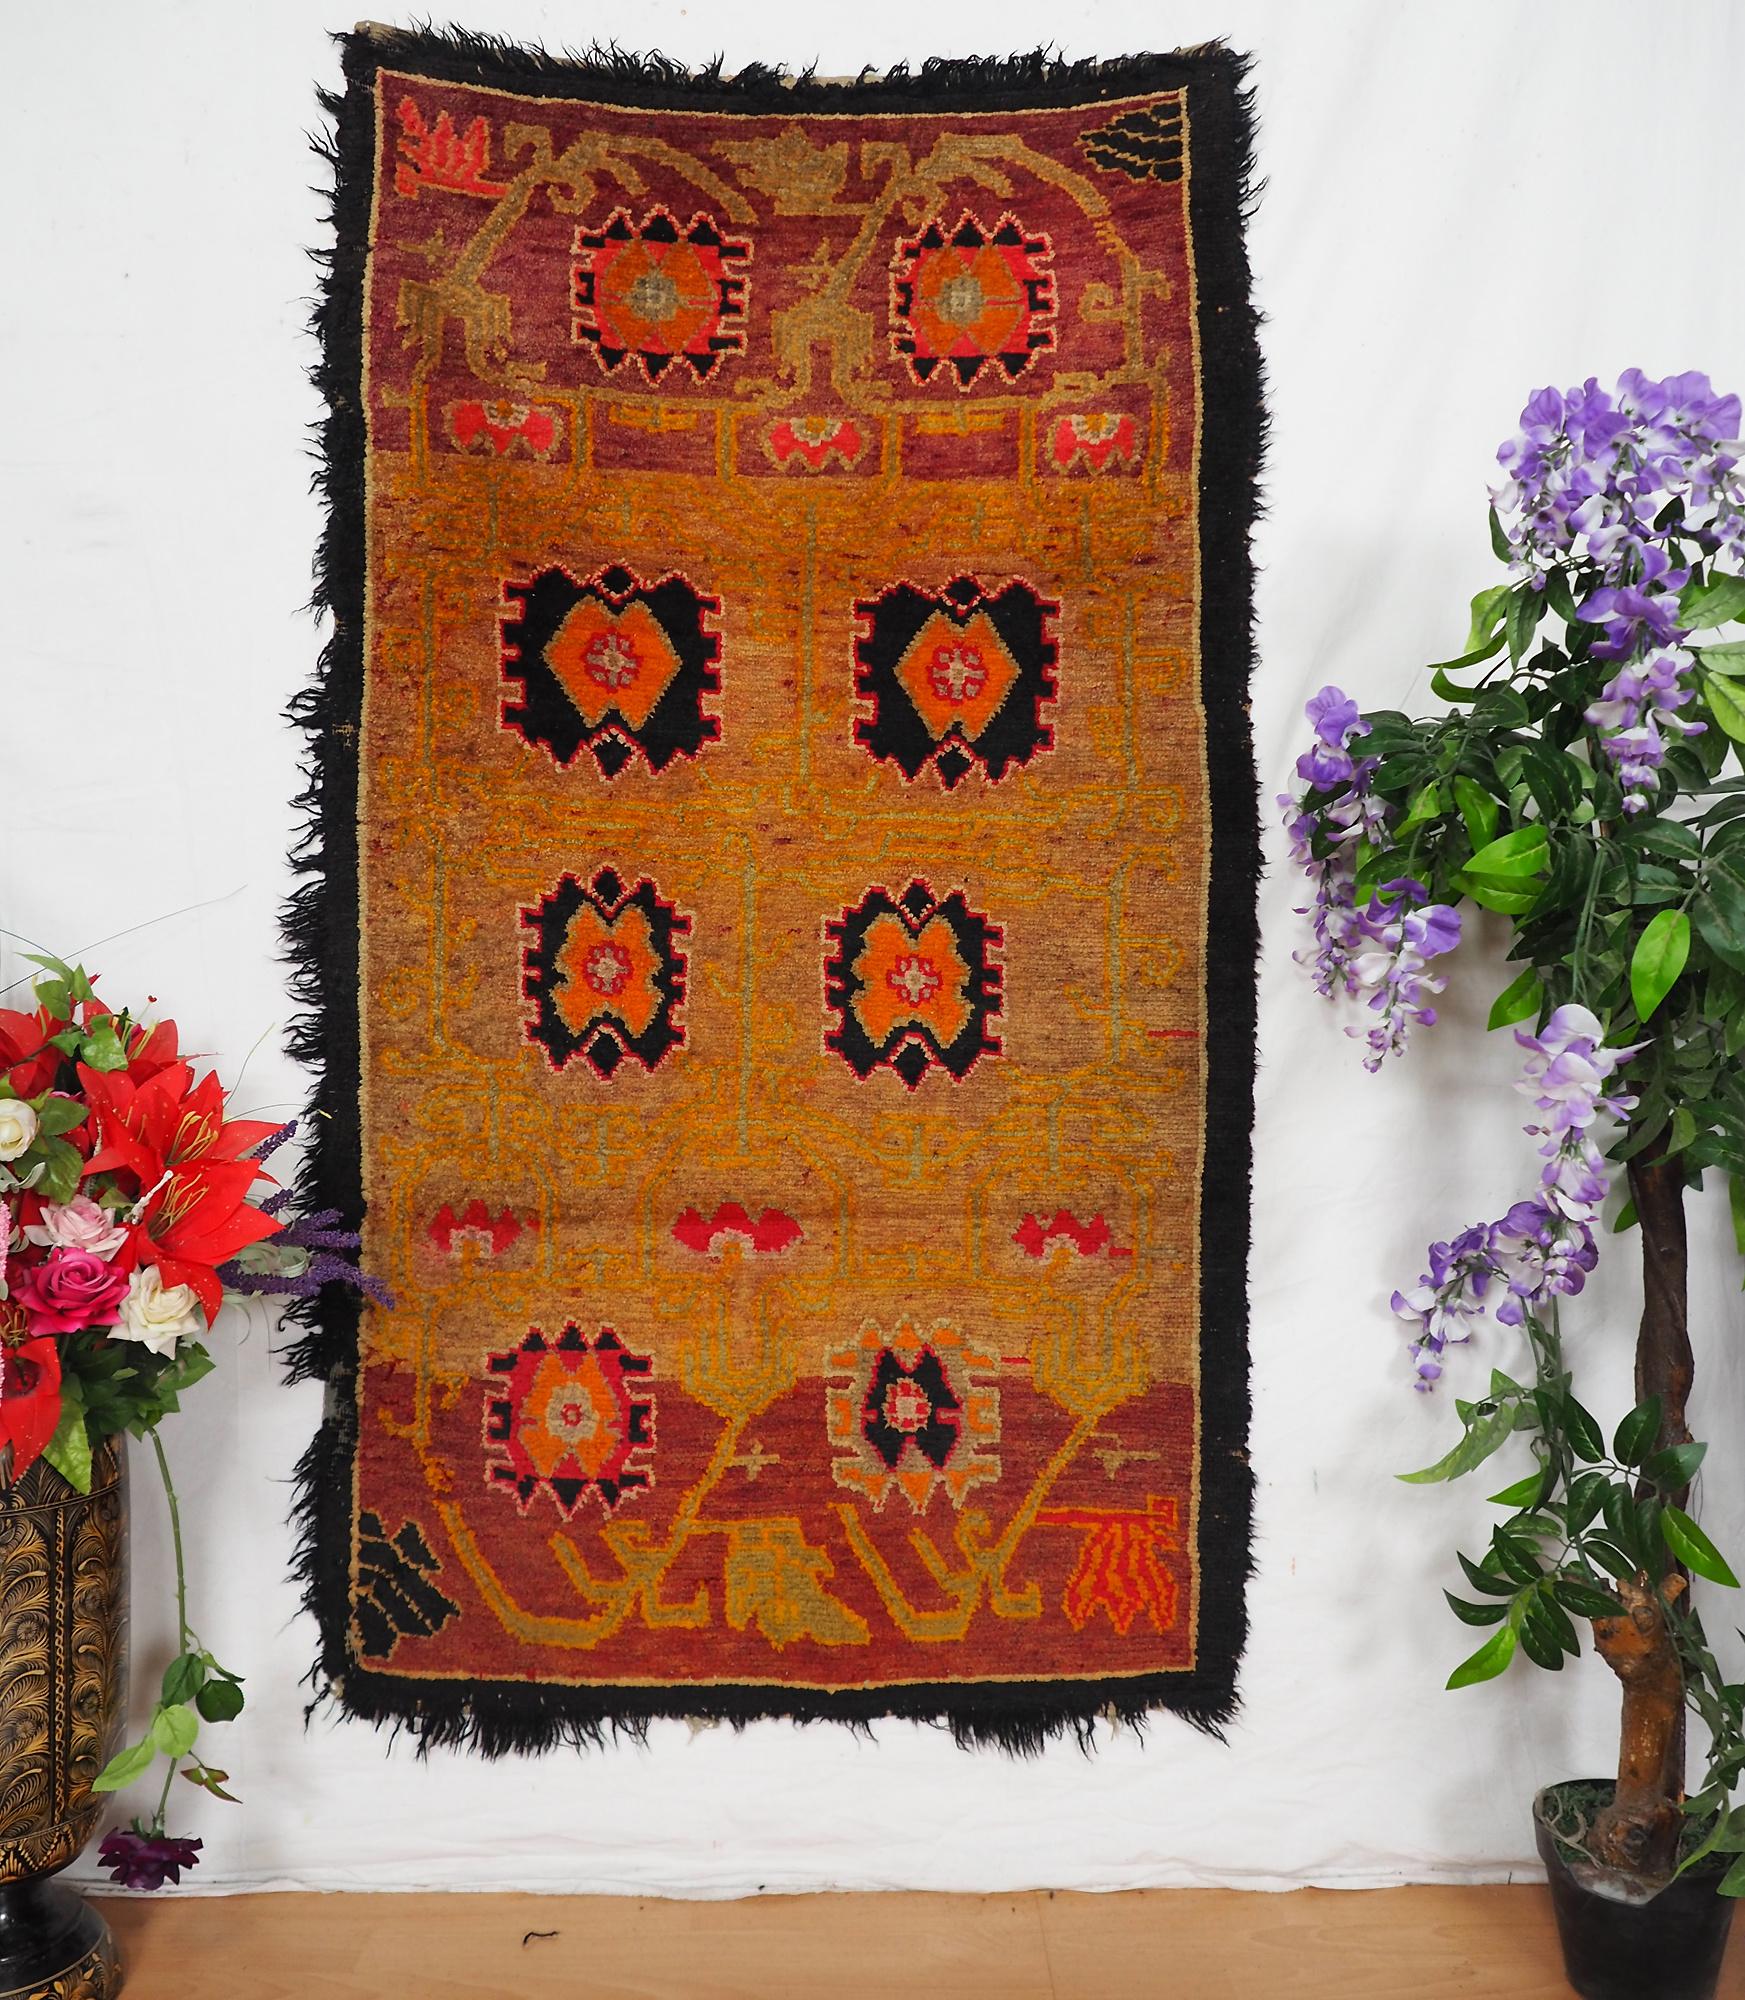 antik Tibetischer Khaden Yoga Meditation Dorfteppich buddhistische Klöster gebetsteppich Teppich Schlafteppich Nr.10